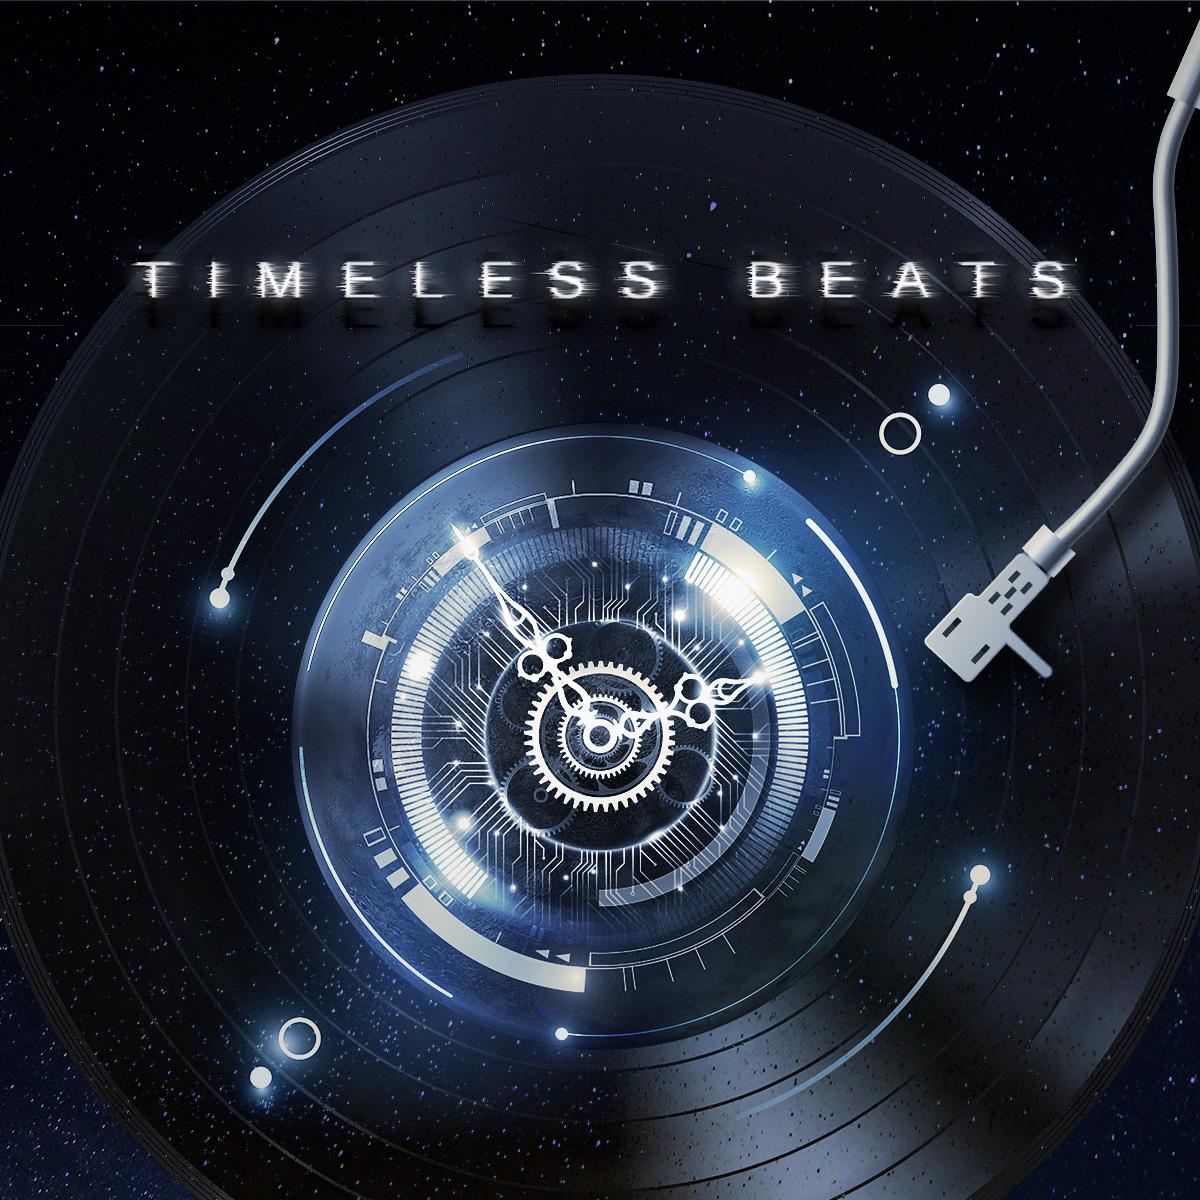 Timeless Beats